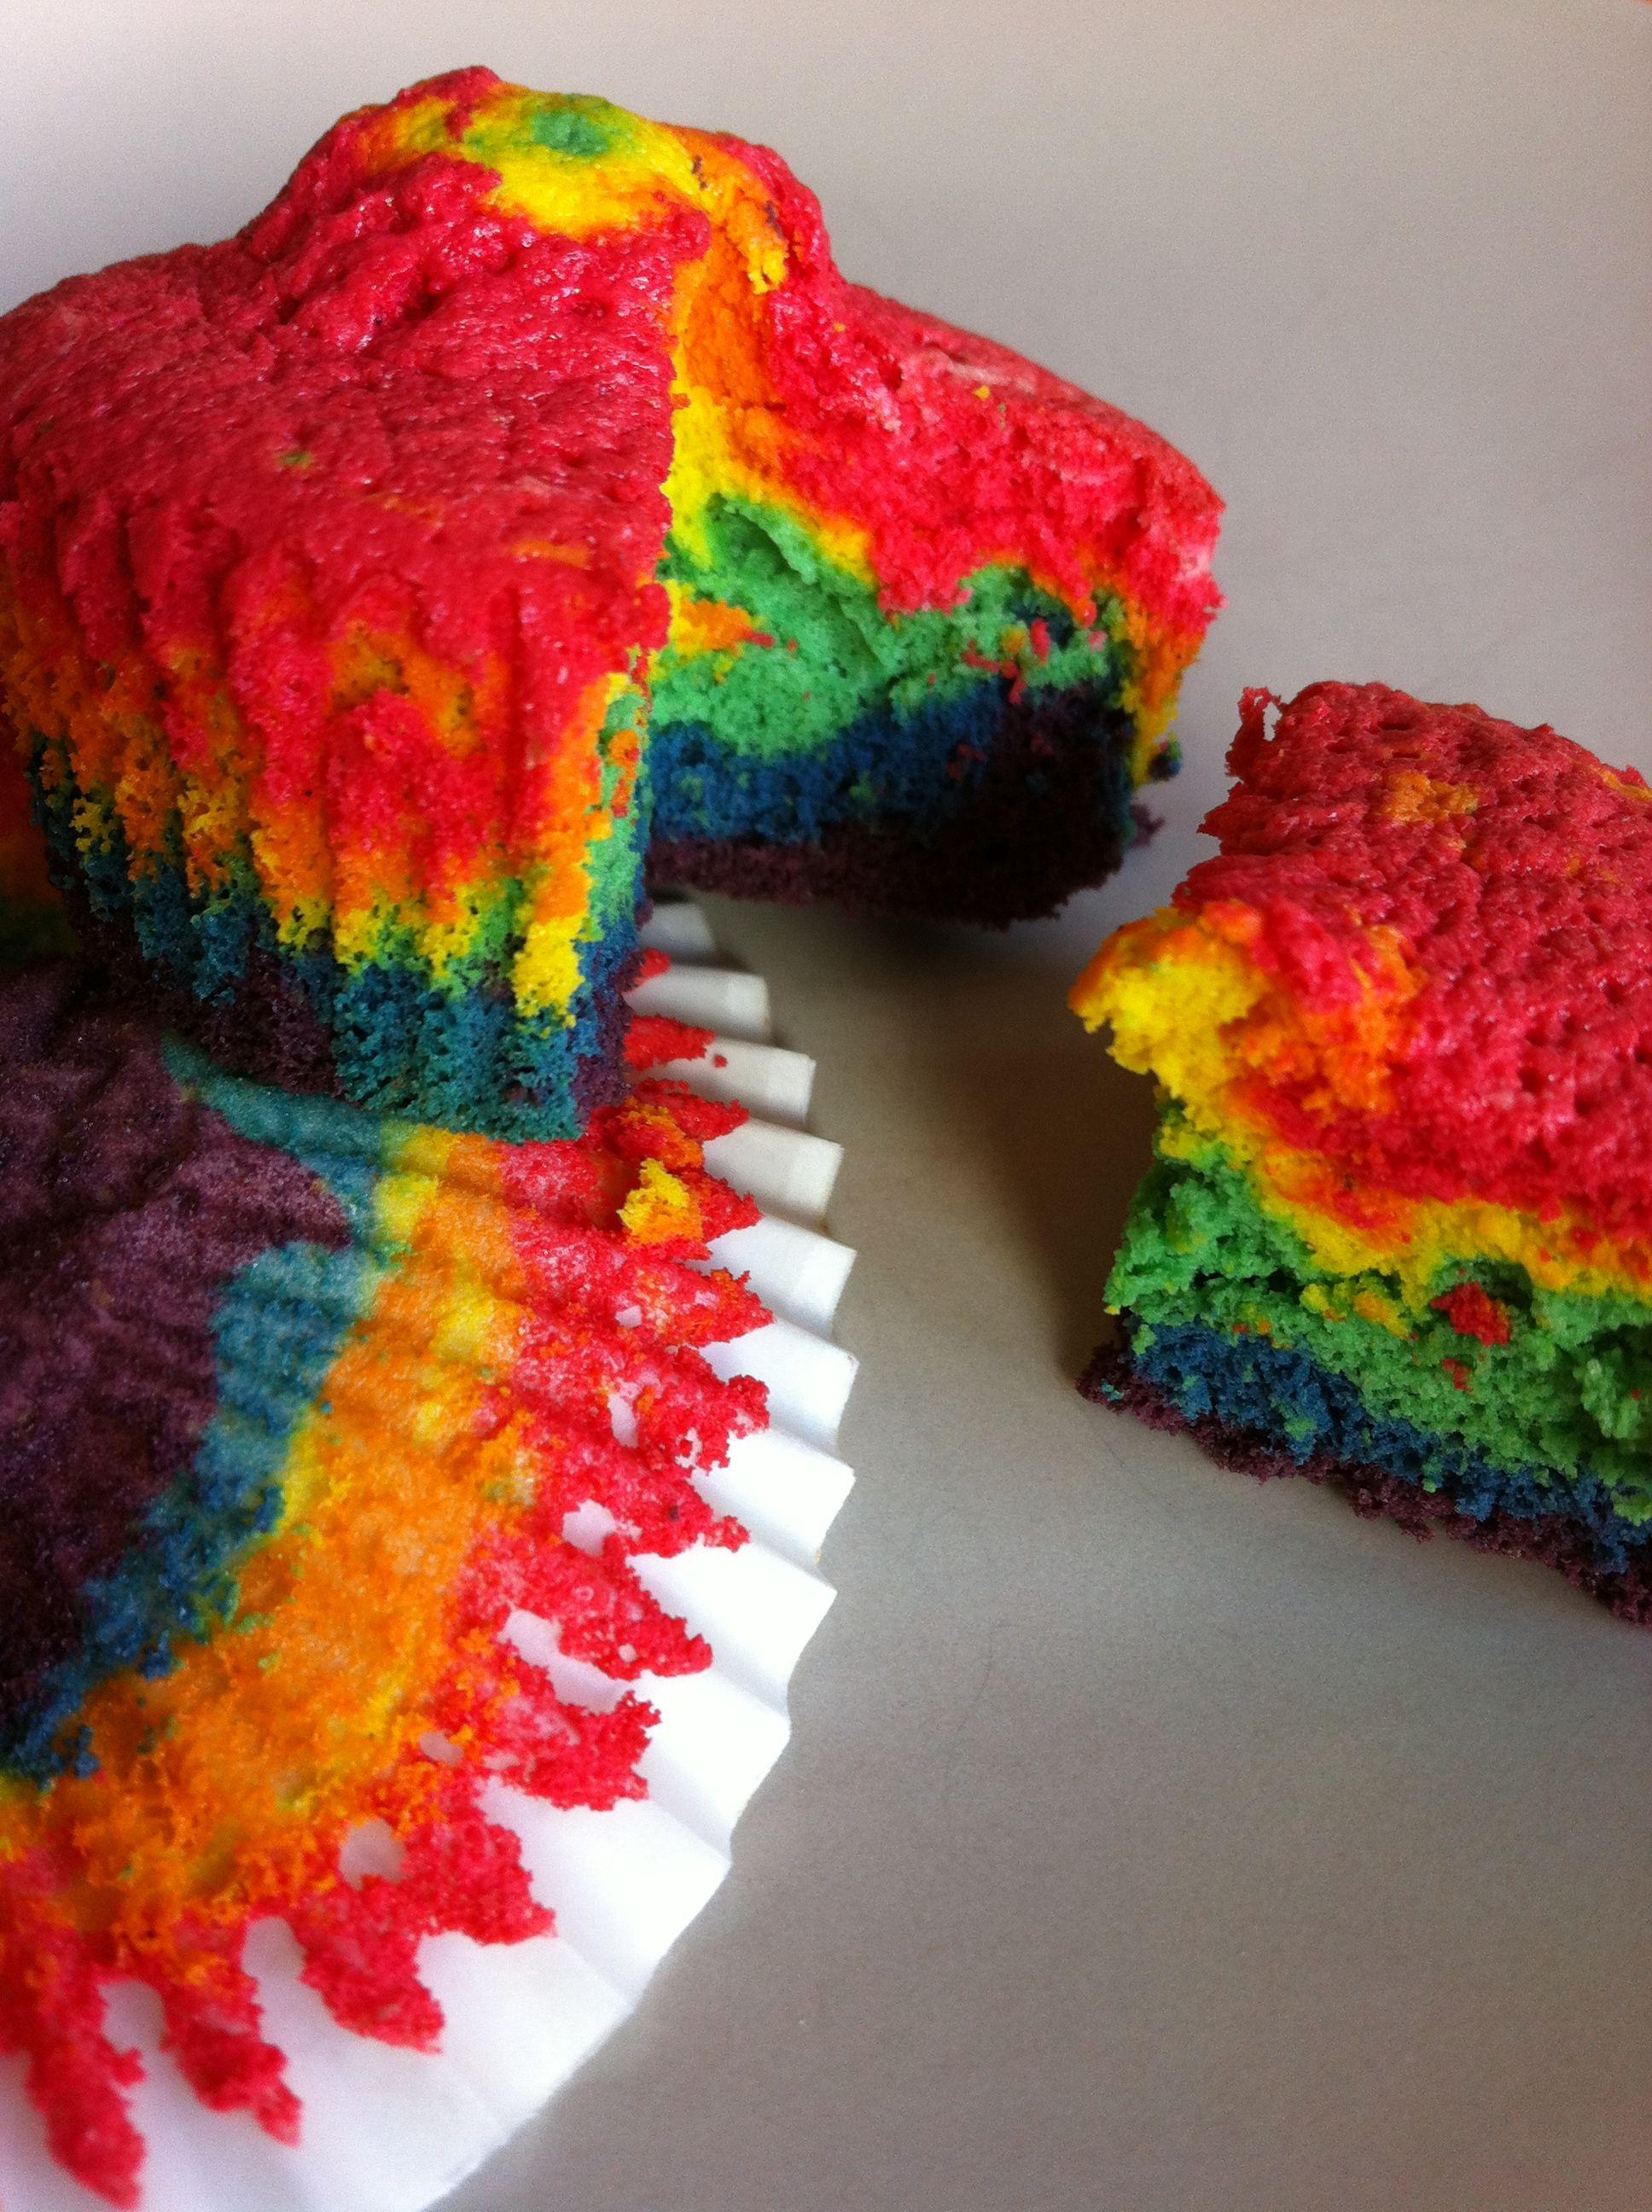 Alles zusammen rühren und dann in sechs Portionen aufteilen. Der Teig muss recht flüssig sein, so das er vom Löffel tropfen kann. Plastikbecher eigenen sich prima, um den Teig in sechs Teile aufzuteilen und ihn dann einzufärben. Jede der Portionen in einer Farbe einfärben und dann jede der Farben nacheinander in ein Muffinförmchen tropfen lassen....Weiterlesen